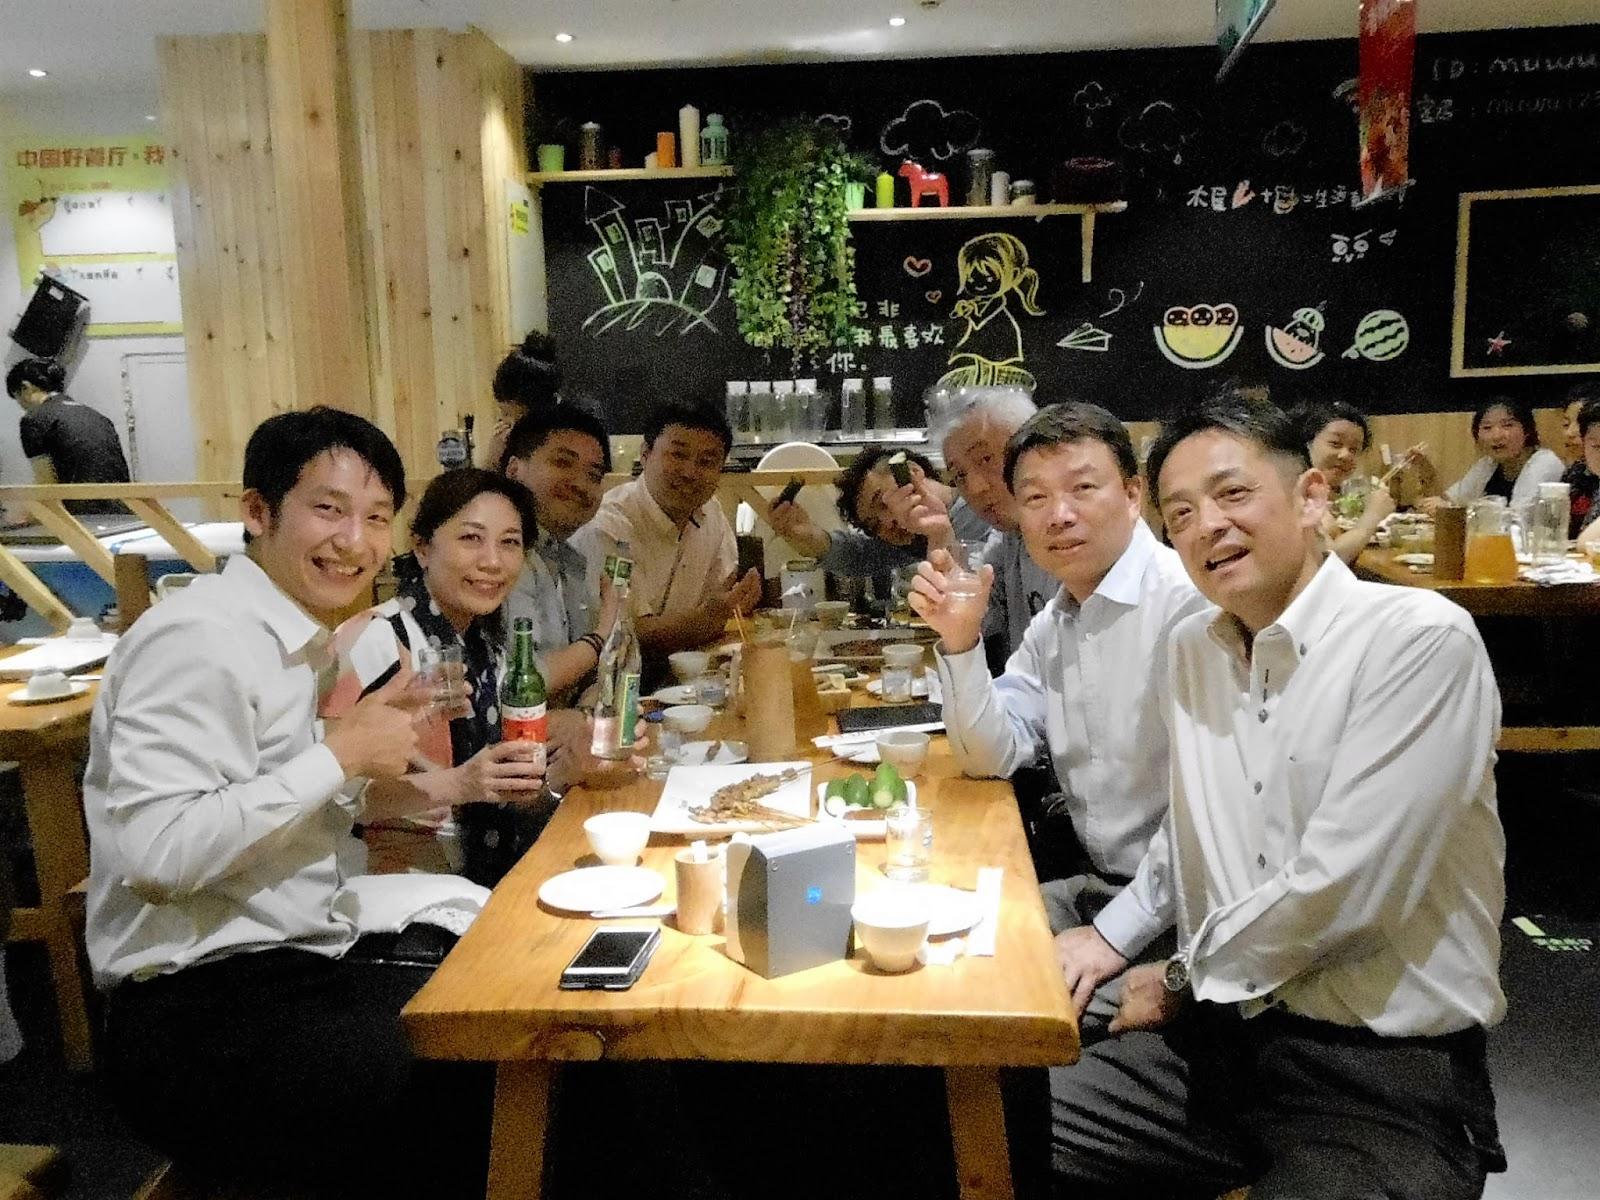 こちらはセミナー後の打ち上げ。日本酒と和食の後は、羊の串焼きとやっぱり白酒!